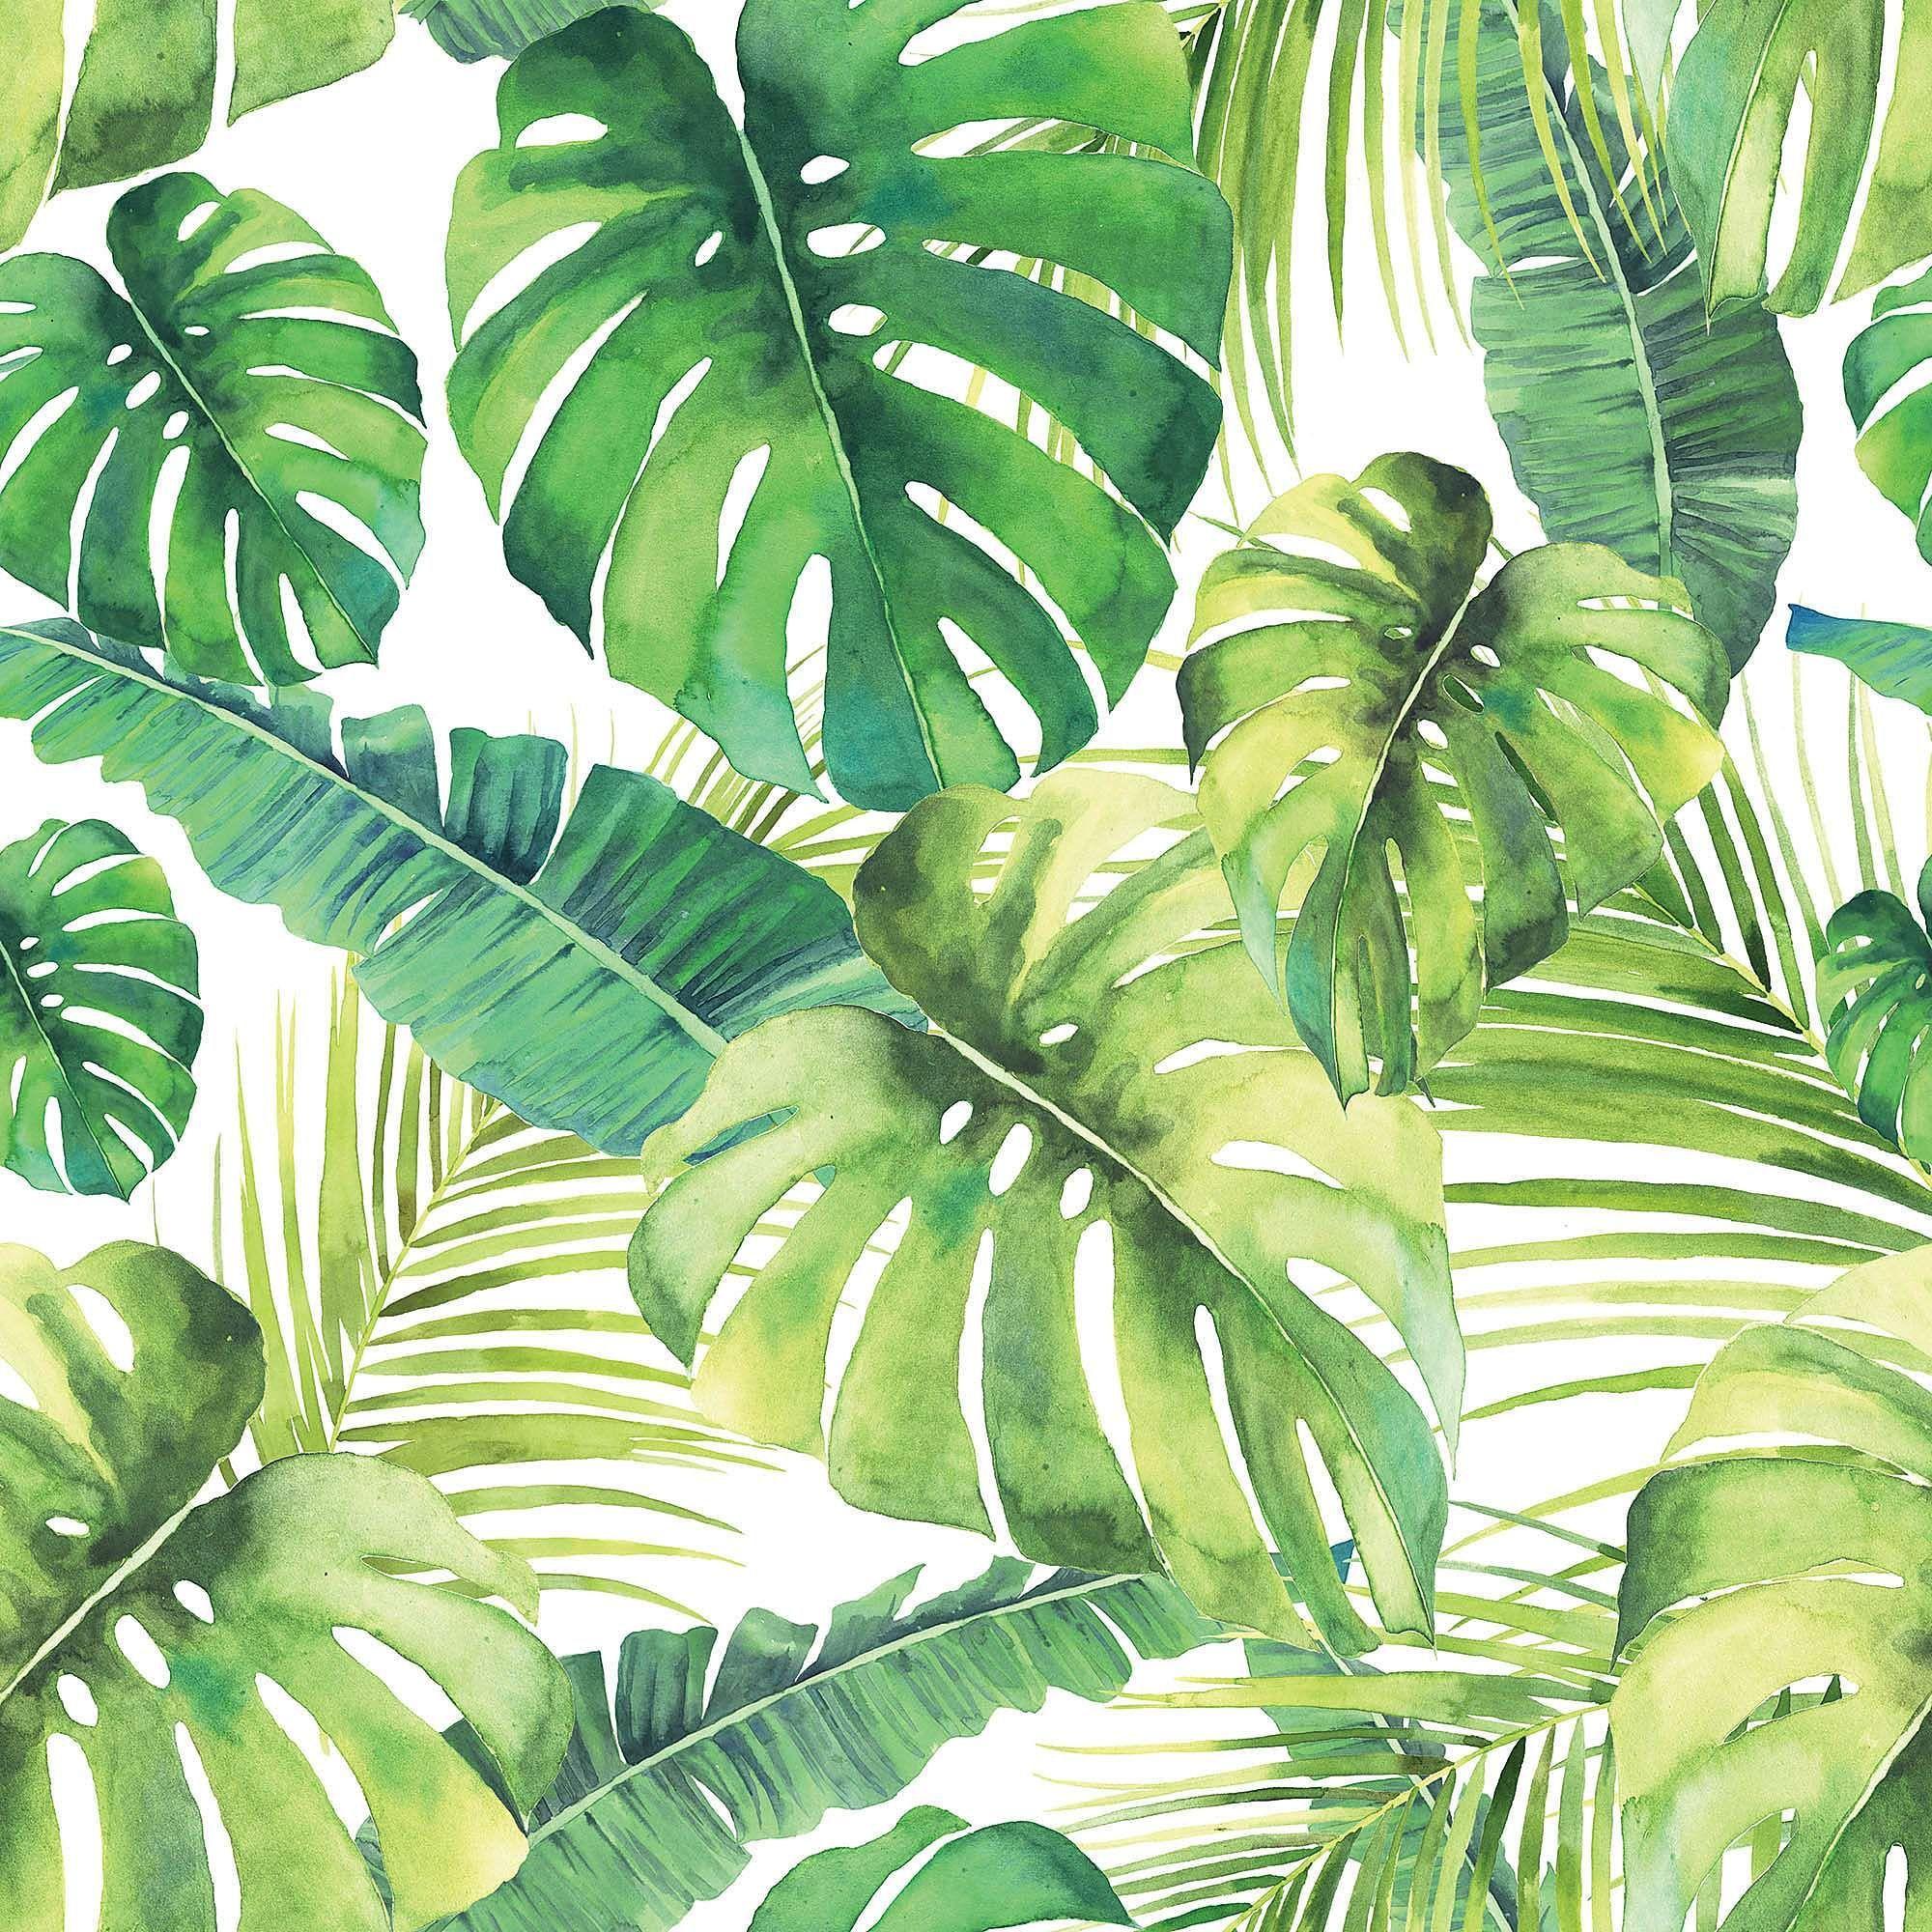 Tropical Leaf Shower Curtain Dunelm Hojas Tropicales Hojas De Acuarela Fondo De Pantalla Tropical Great designs on professionally printed shower curtains. tropical leaf shower curtain dunelm